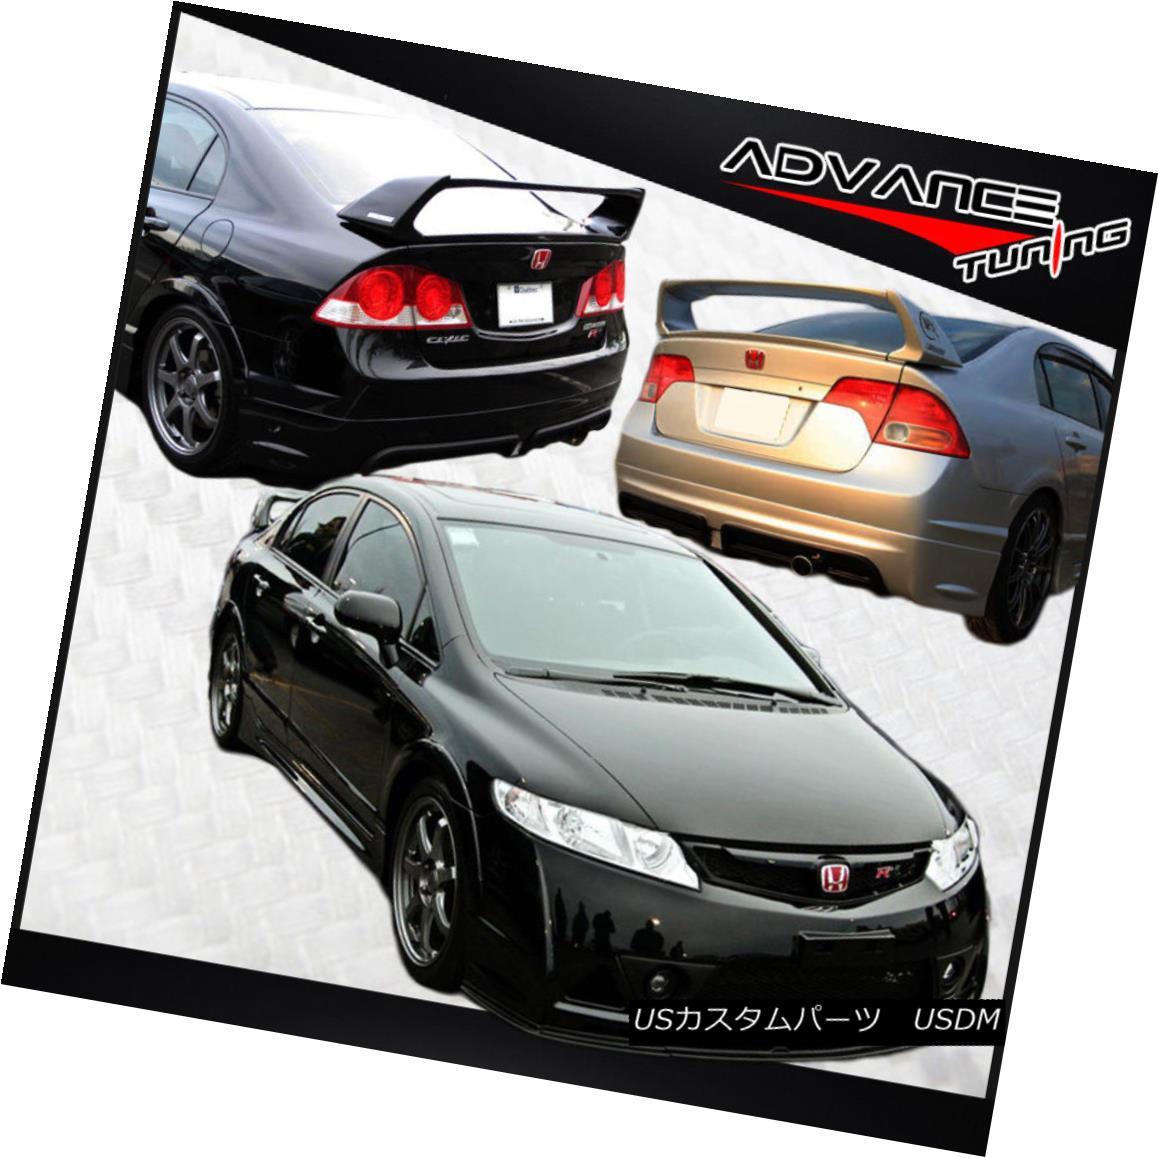 エアロパーツ Fit Honda Civic 4Dr MUG RR Bodykit Front Bumper + Rear Lip Polypropylene PP フィットホンダシビック4Dr MUG RRボディキットフロントバンパー+リアリップポリプロピレンPP